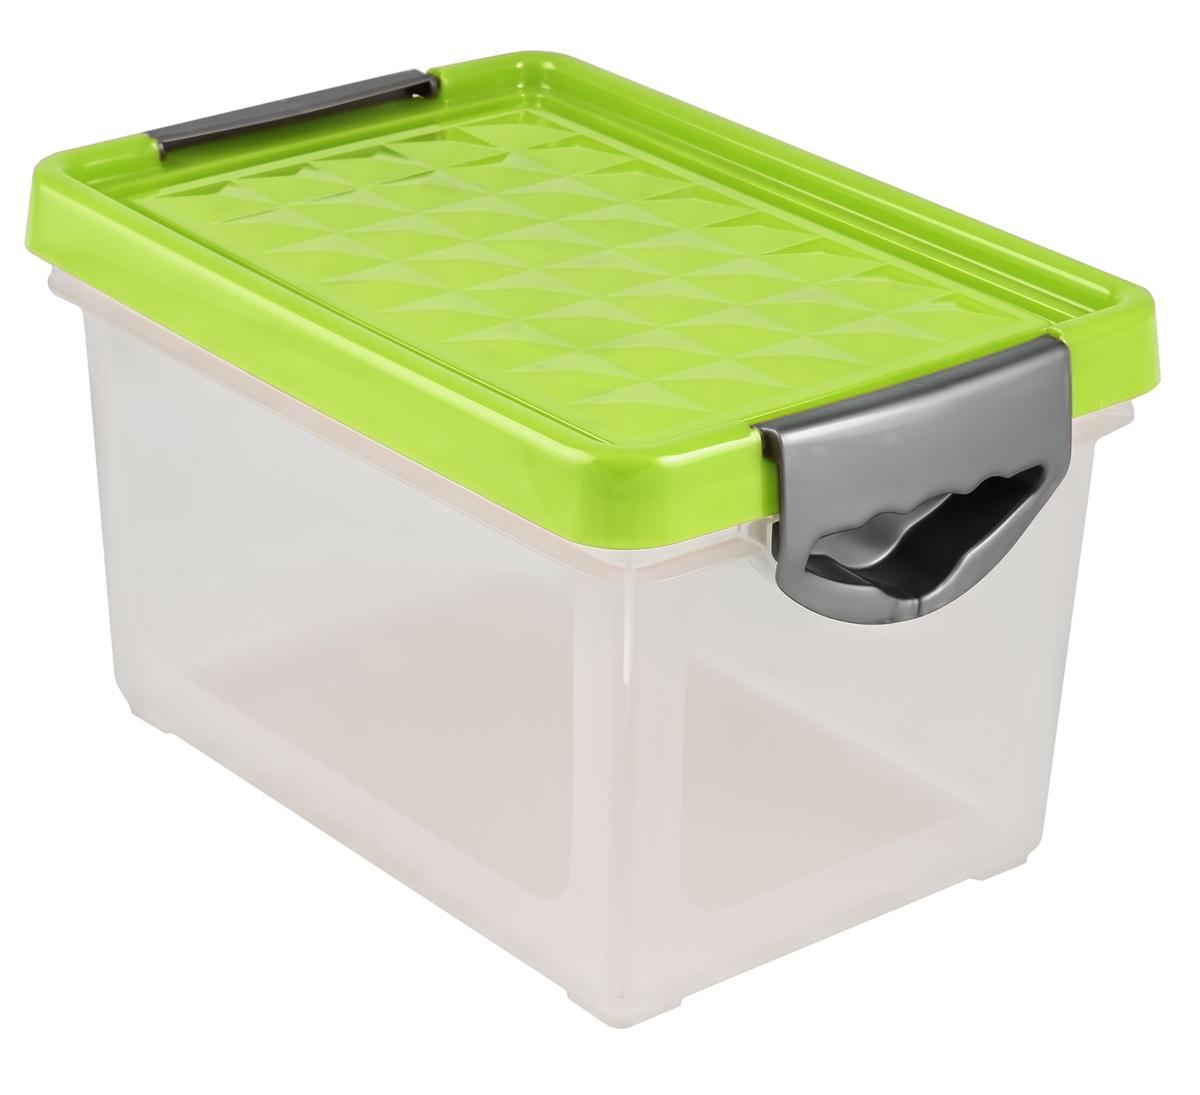 Ящик для хранения BranQ Systema, цвет: зеленый, прозрачный, 48 лBQ1003ЗЛПРУниверсальный ящик для хранения BranQ Systema, выполненный из прочного пластика, поможет правильно организовать пространство в доме и сэкономить место. В нем можно хранить все, что угодно: одежду, обувь, детские игрушки и многое другое. Прочный каркас ящика позволит хранить как легкие вещи, так и переносить собранный урожай овощей или фруктов. Изделие оснащено крышкой, которая защитит вещи от пыли, грязи и влаги.Эргономичные ручки-защелки, позволяют переносить ящик как с крышкой, так и без нее.